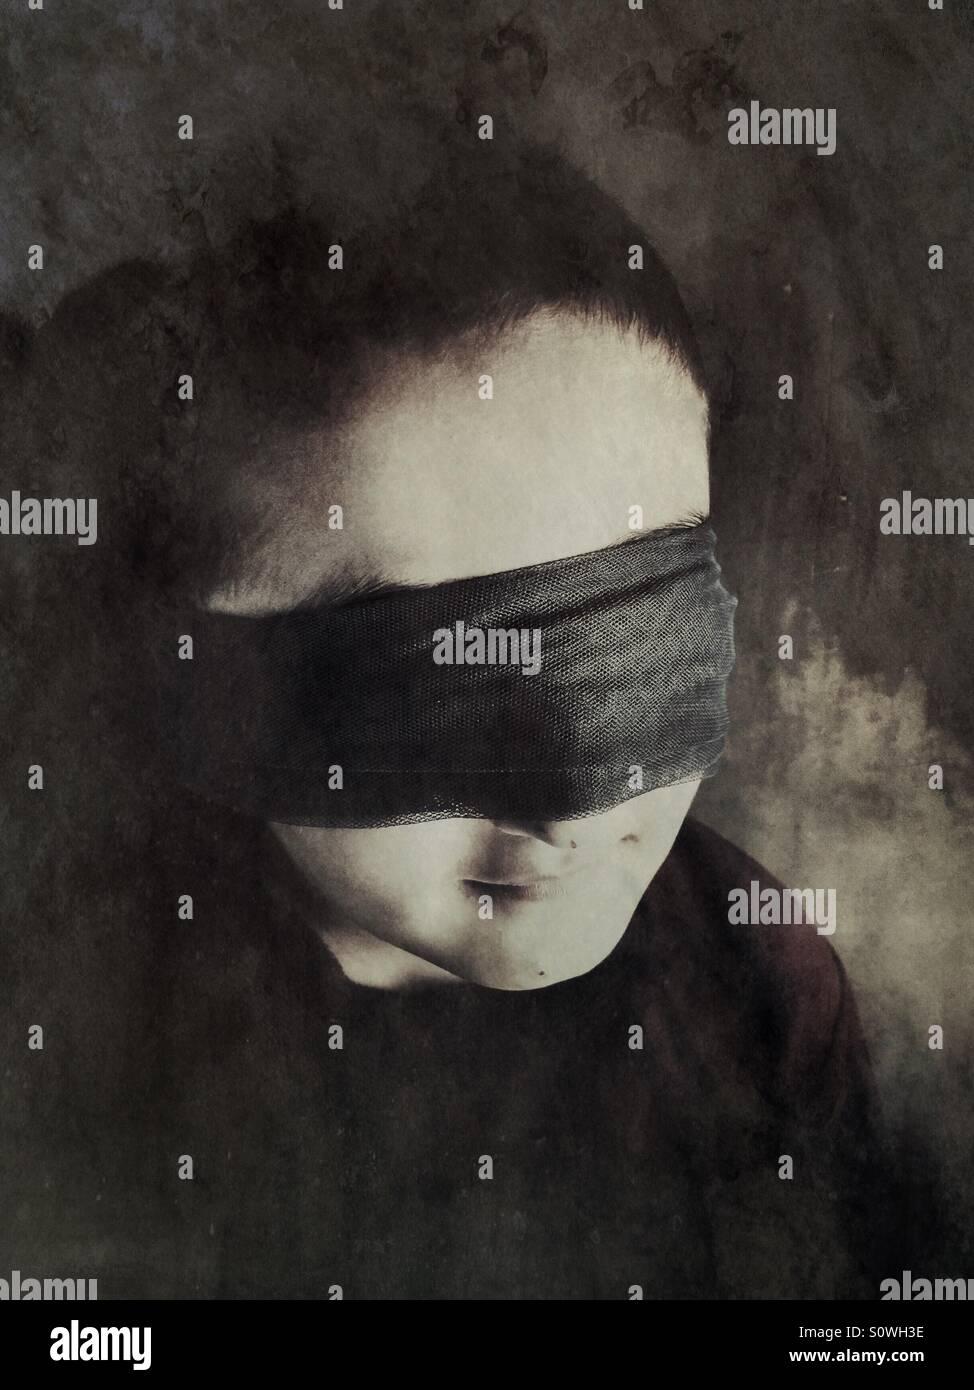 Niño con los ojos vendados Imagen De Stock